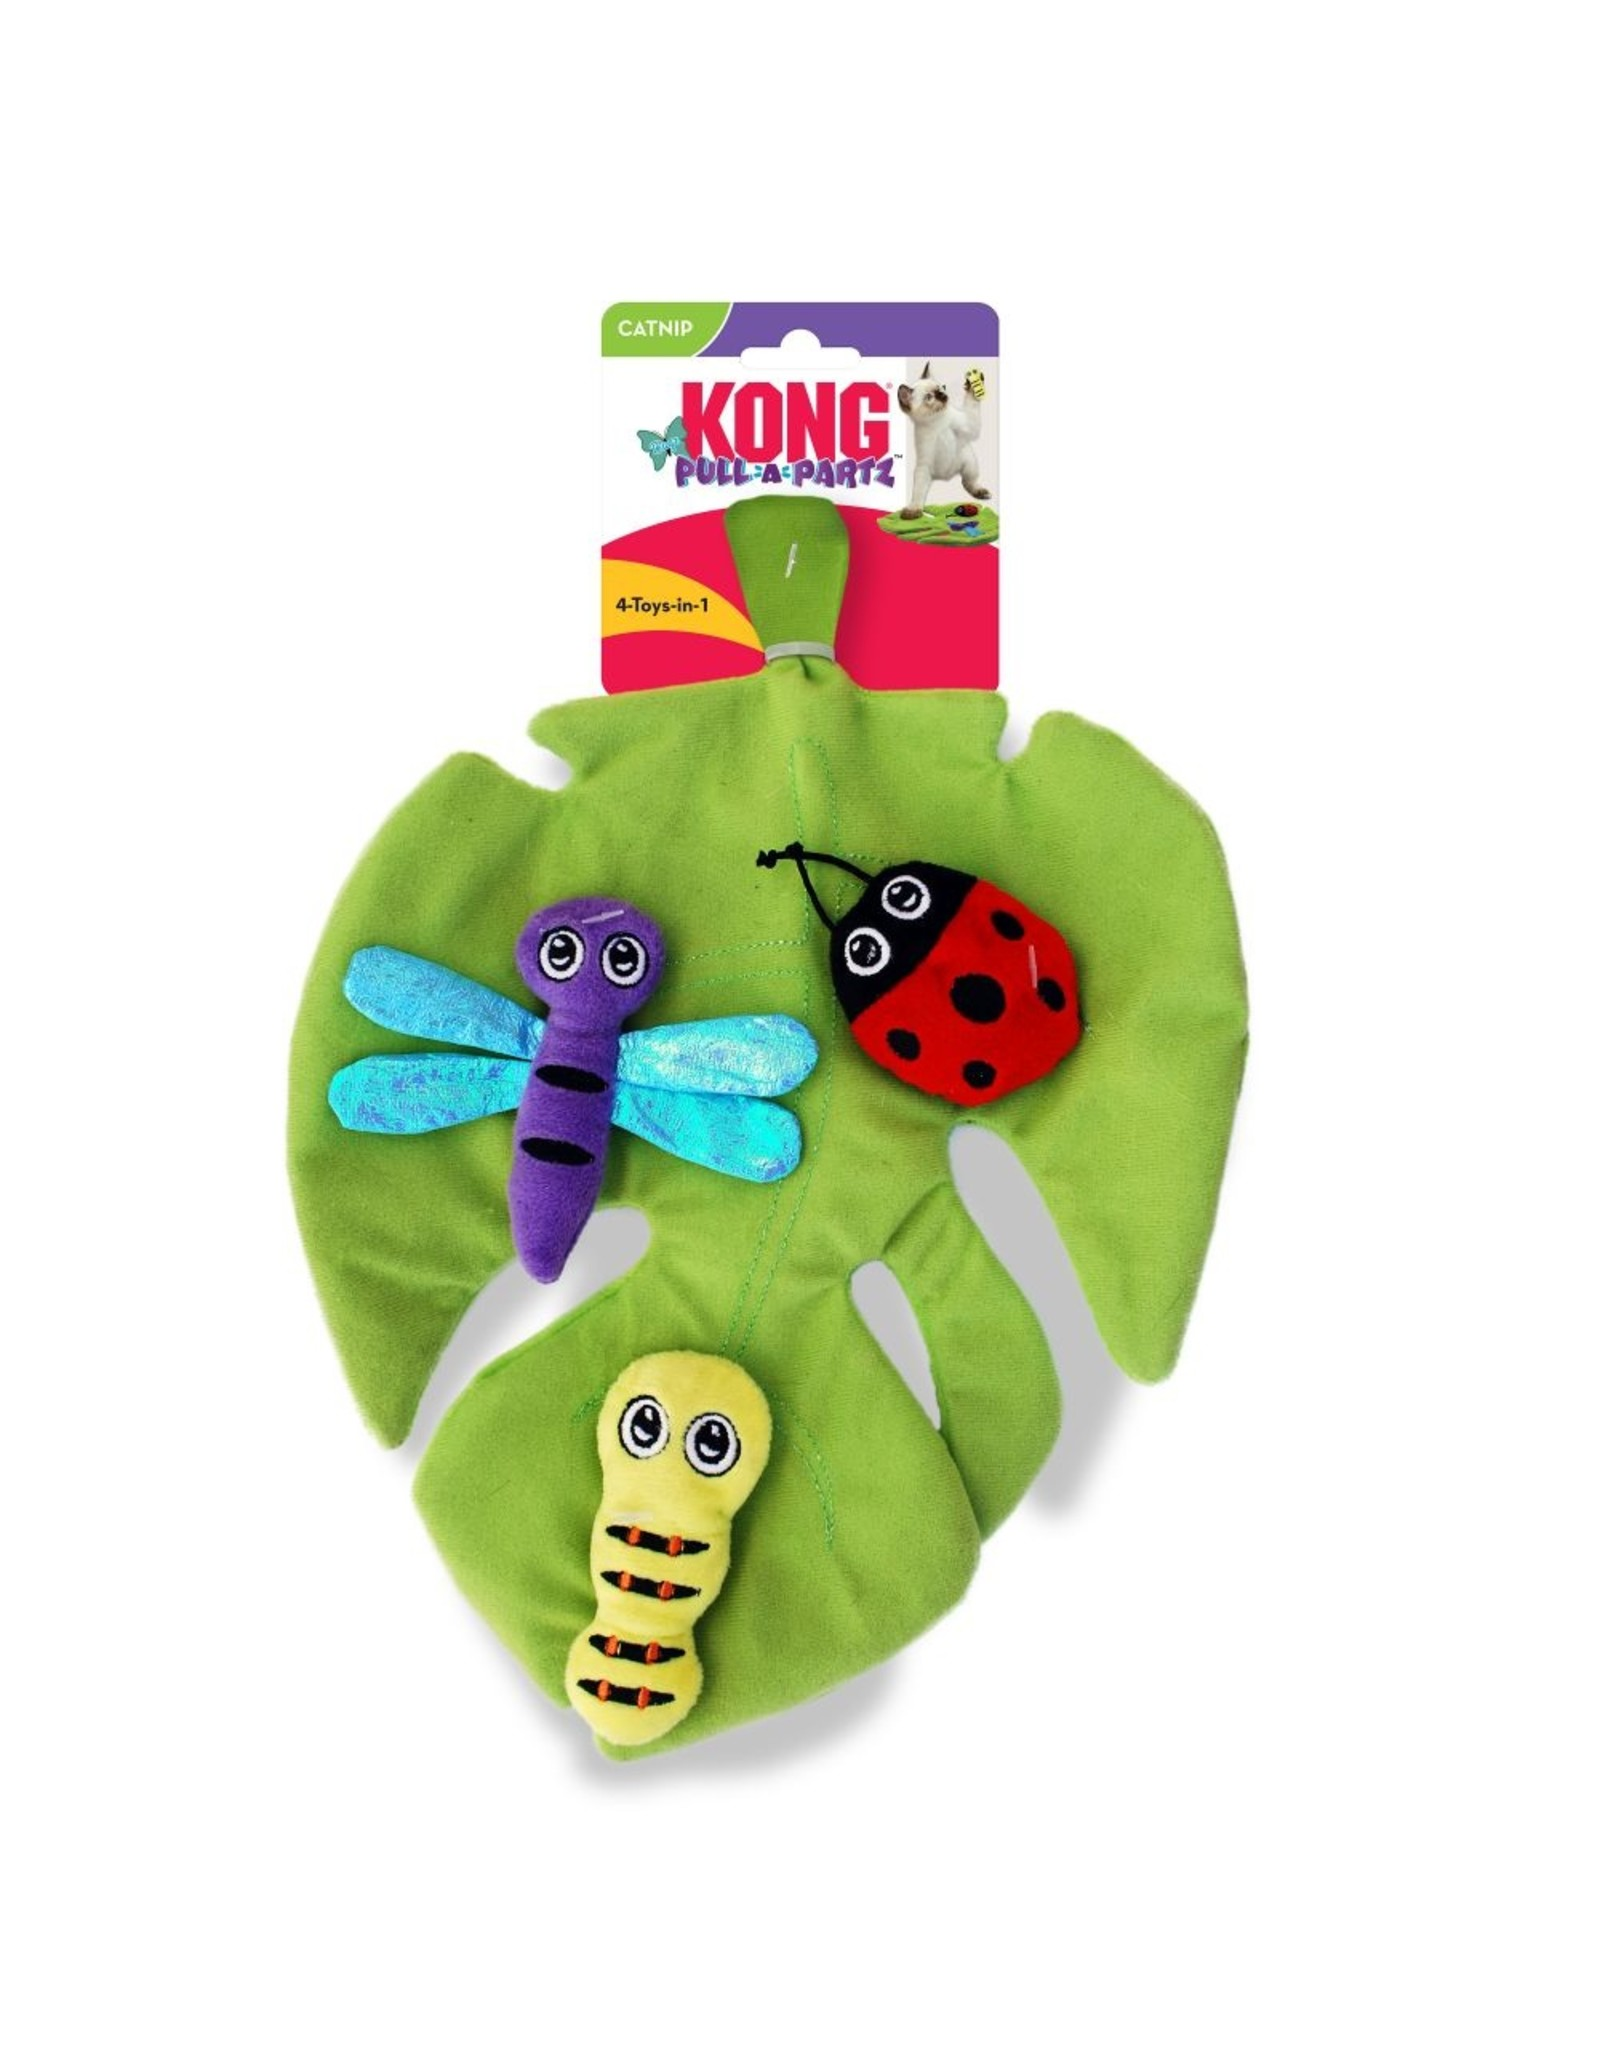 Kong Kong Pull-a-Partz Bugz Crinkle Mat Cat Toy